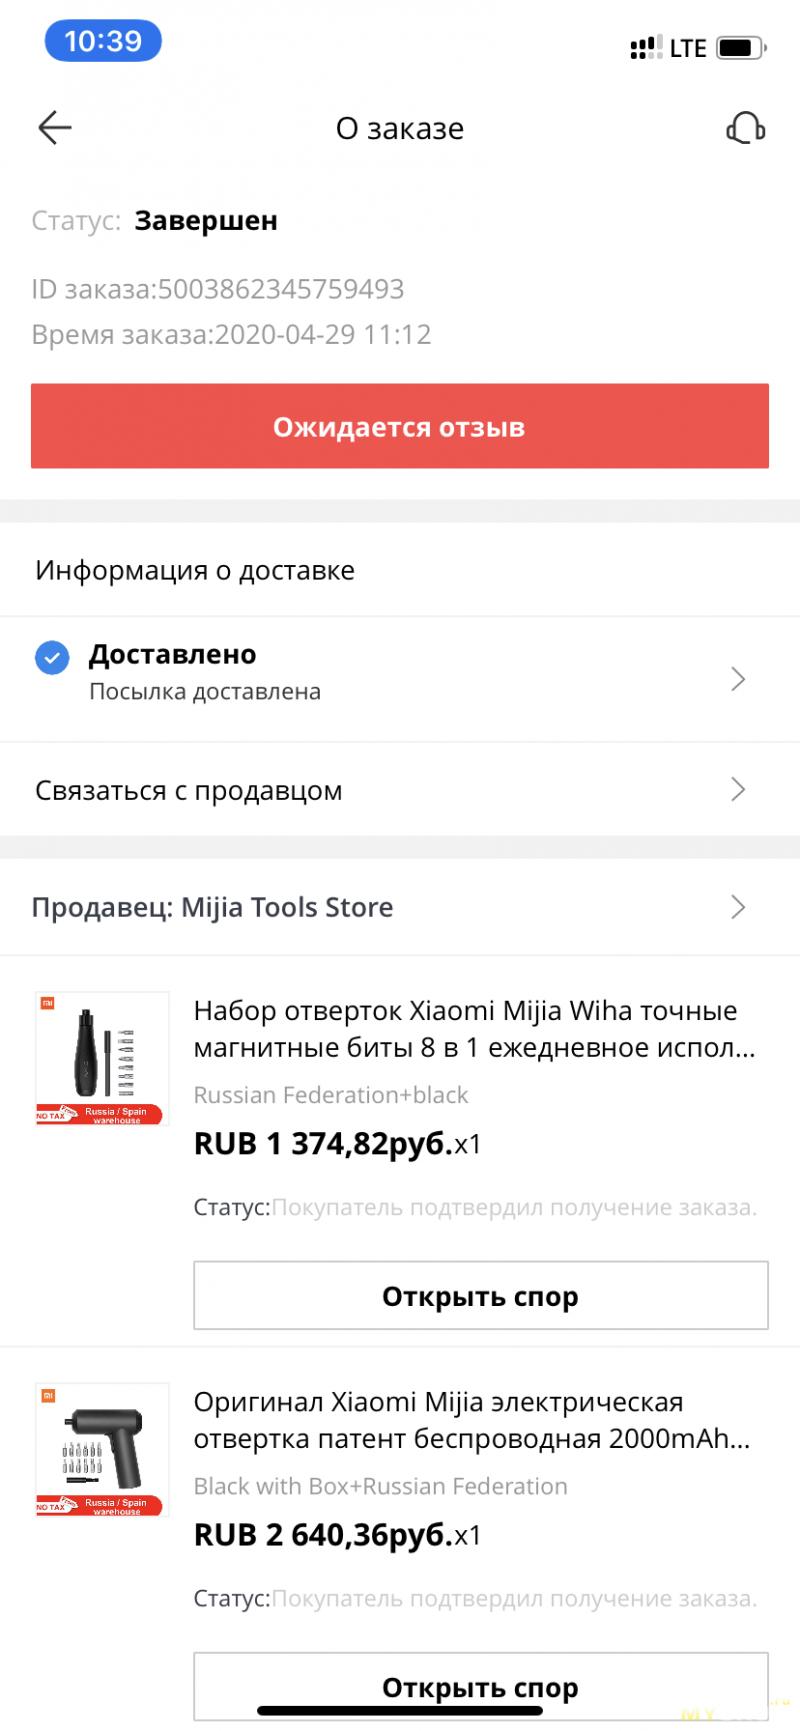 Набор отверток Xiaomi Mijia Wiha 8